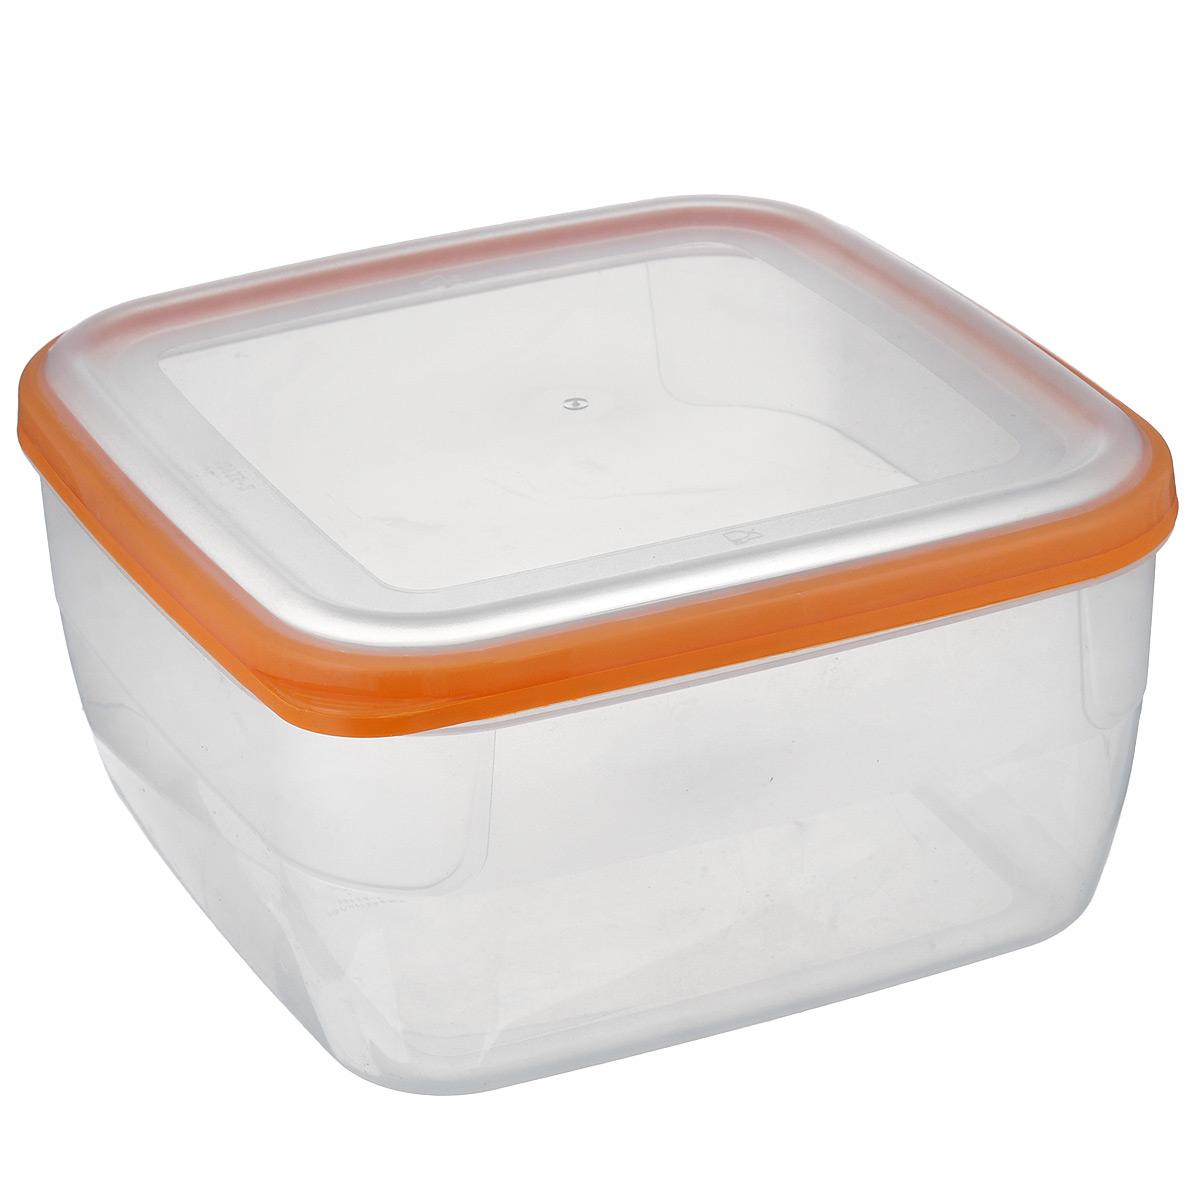 Контейнер Полимербыт Премиум, цвет: прозрачный, оранжевый, 3 лС568 оранжевыйКонтейнер Полимербыт Премиум квадратной формы, изготовленный из прочного пластика, предназначен специально для хранения пищевых продуктов. Крышка легко открывается и плотно закрывается. Стенки контейнера прозрачные - хорошо видно, что внутри. Контейнер устойчив к воздействию масел и жиров, легко моется. Прозрачные стенки позволяют видеть содержимое. Контейнер имеет возможность хранения продуктов глубокой заморозки, обладает высокой прочностью. Подходит для использования в микроволновых печах. Можно мыть в посудомоечной машине.